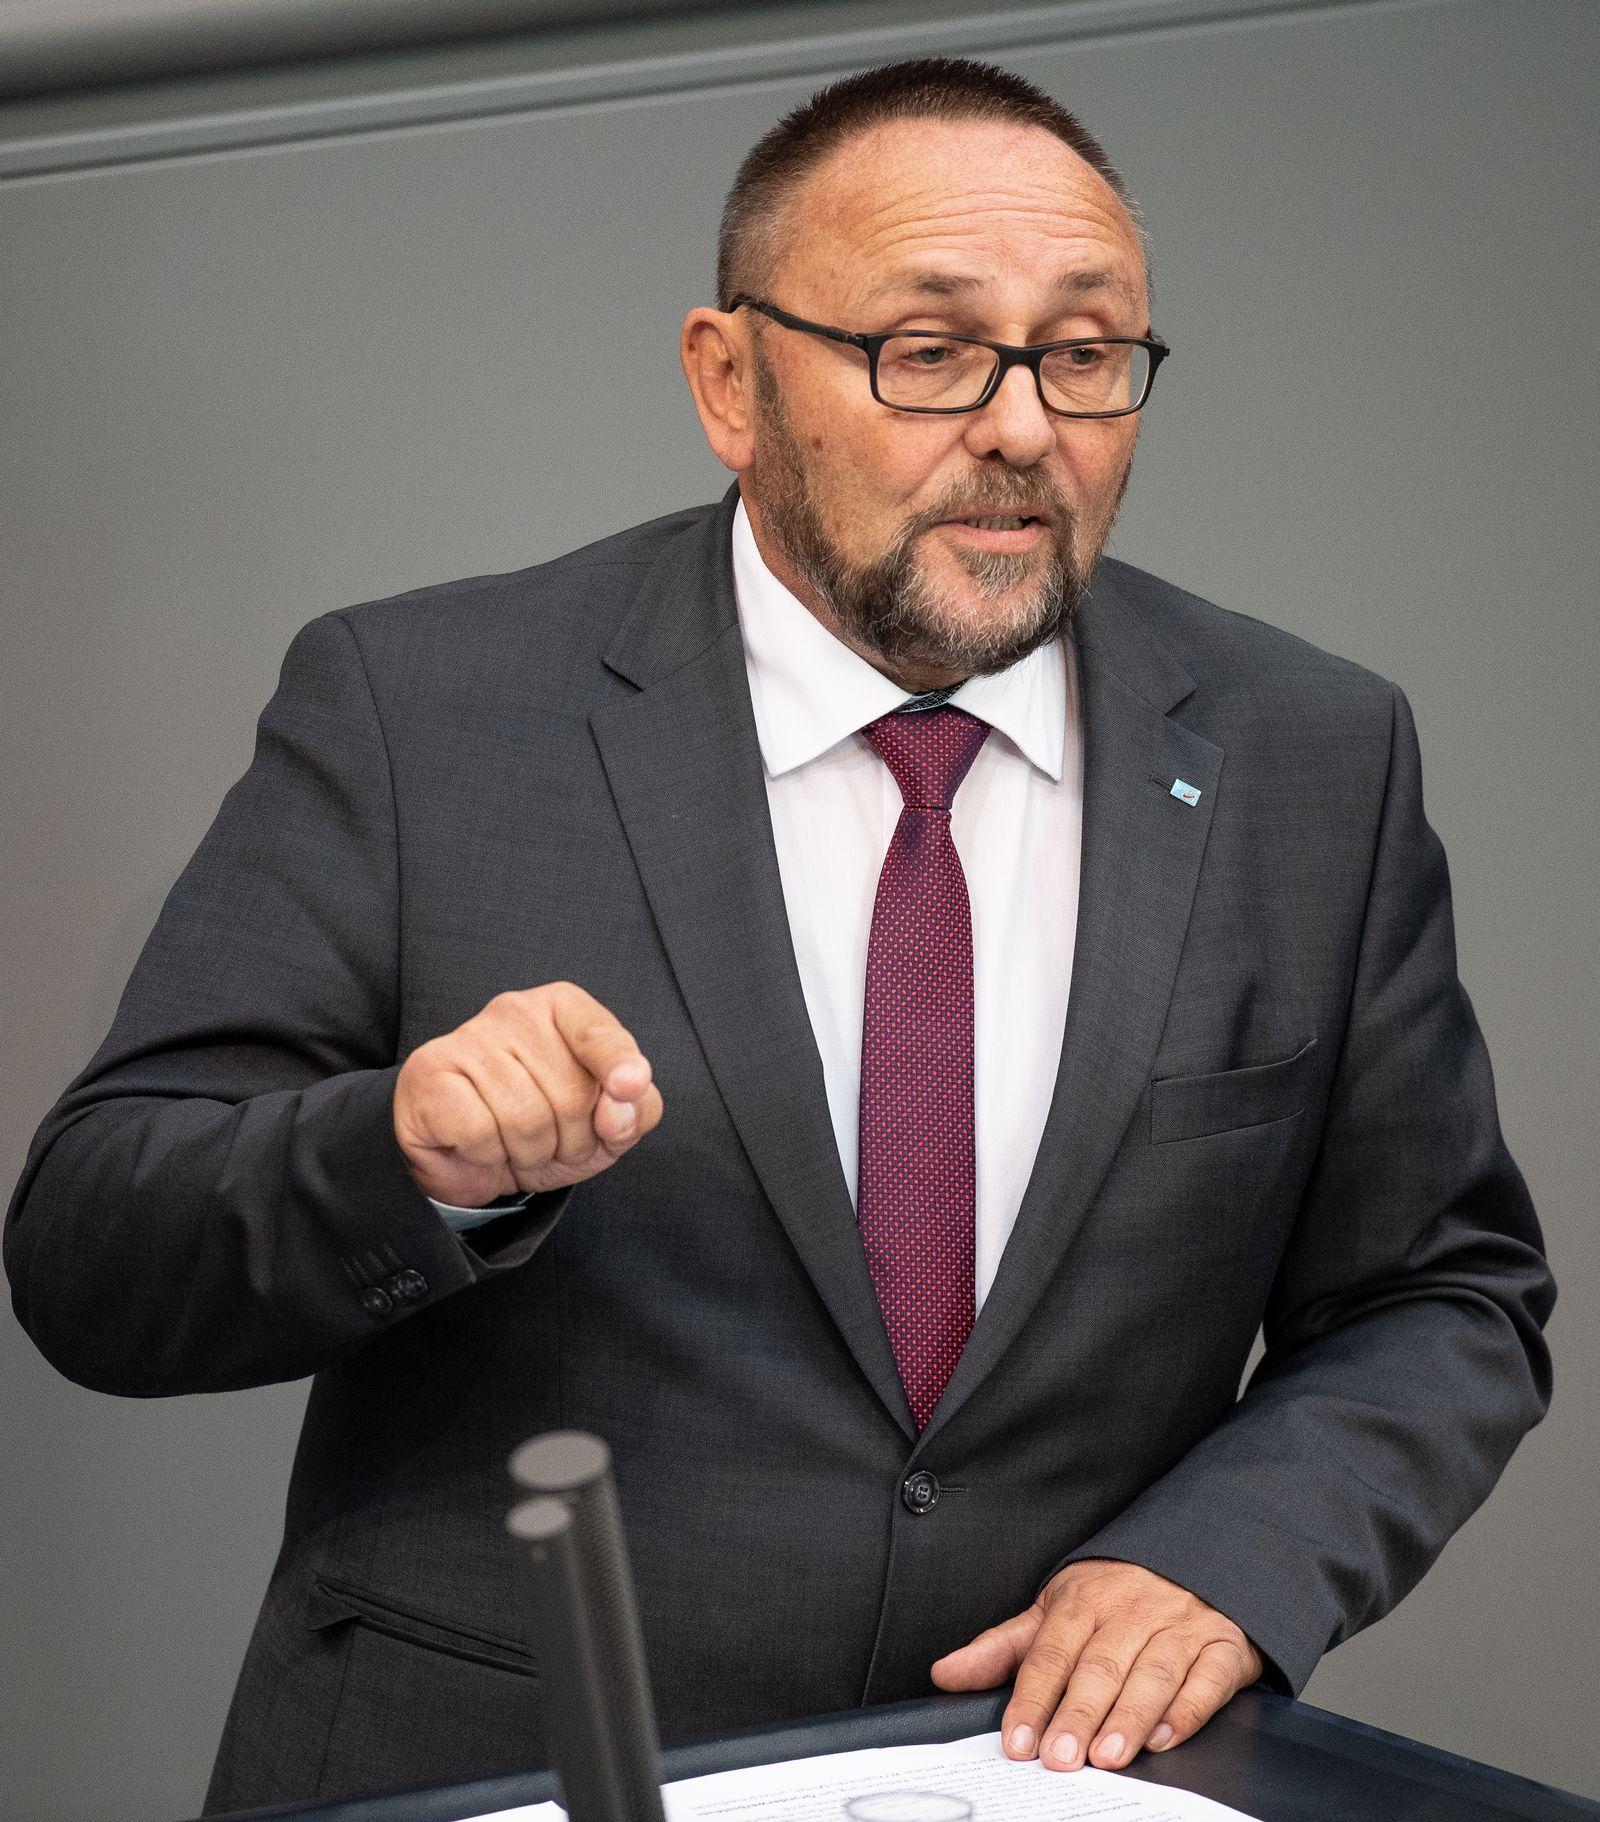 Spitzenkandidaten Bremen 2019/ Frank Magnitz